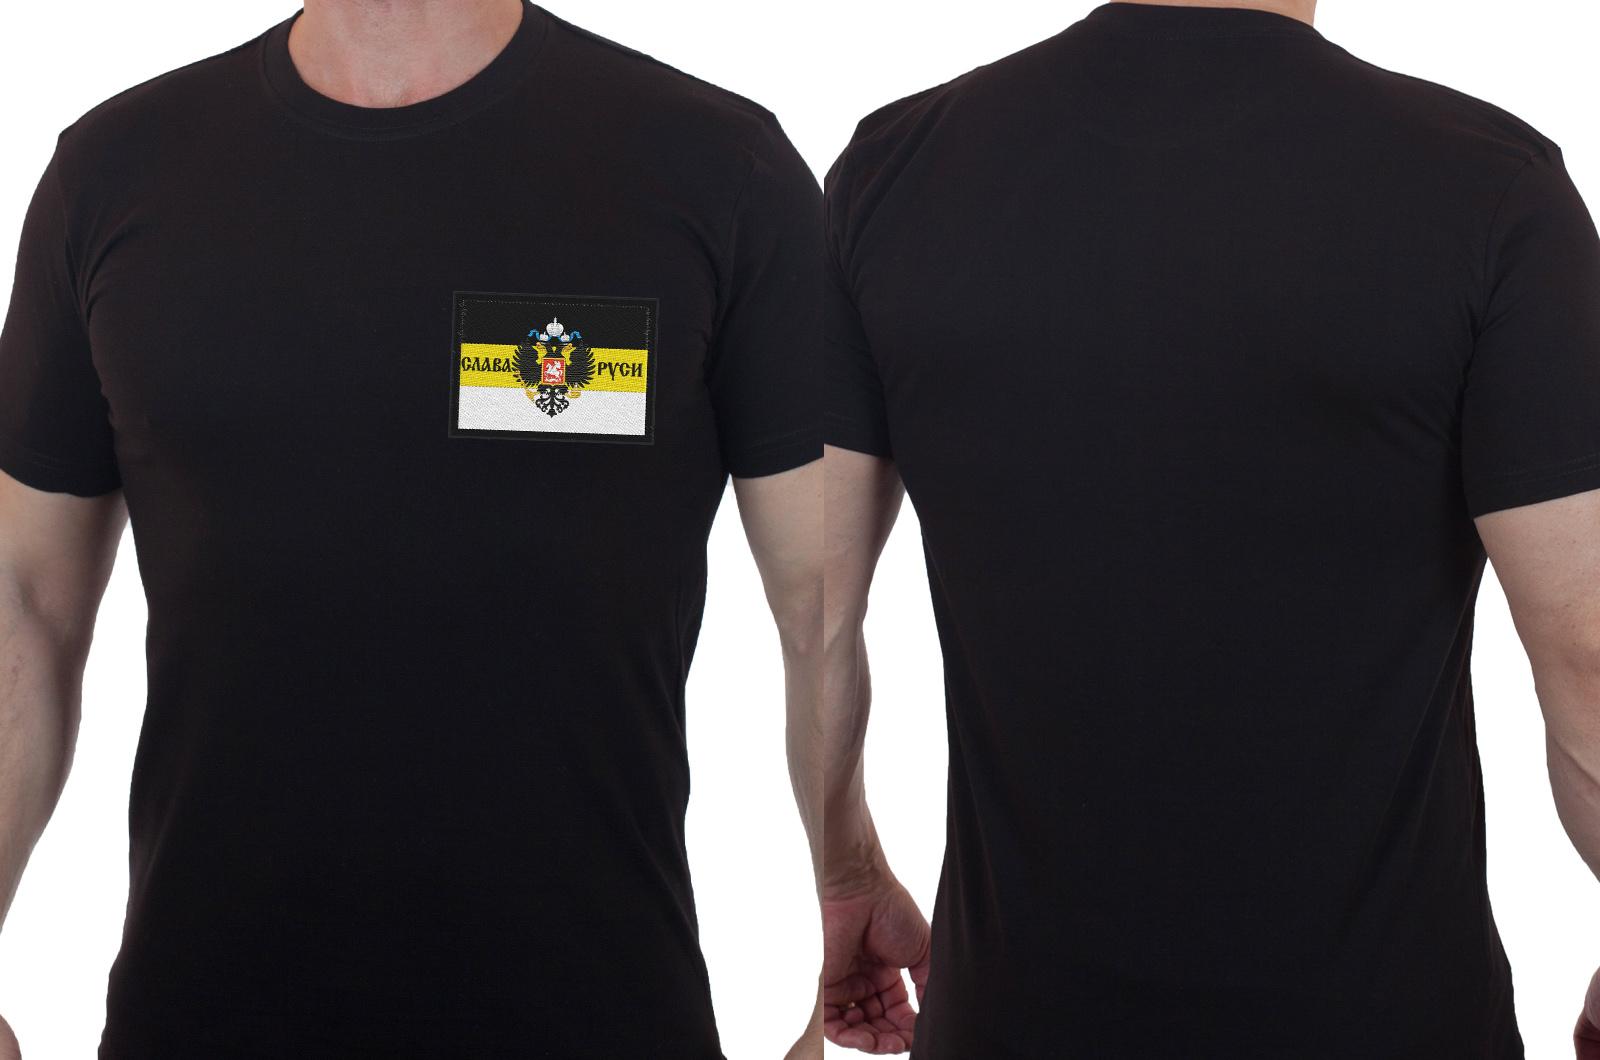 Мужская футболка с имперской вышивкой Слава Руси